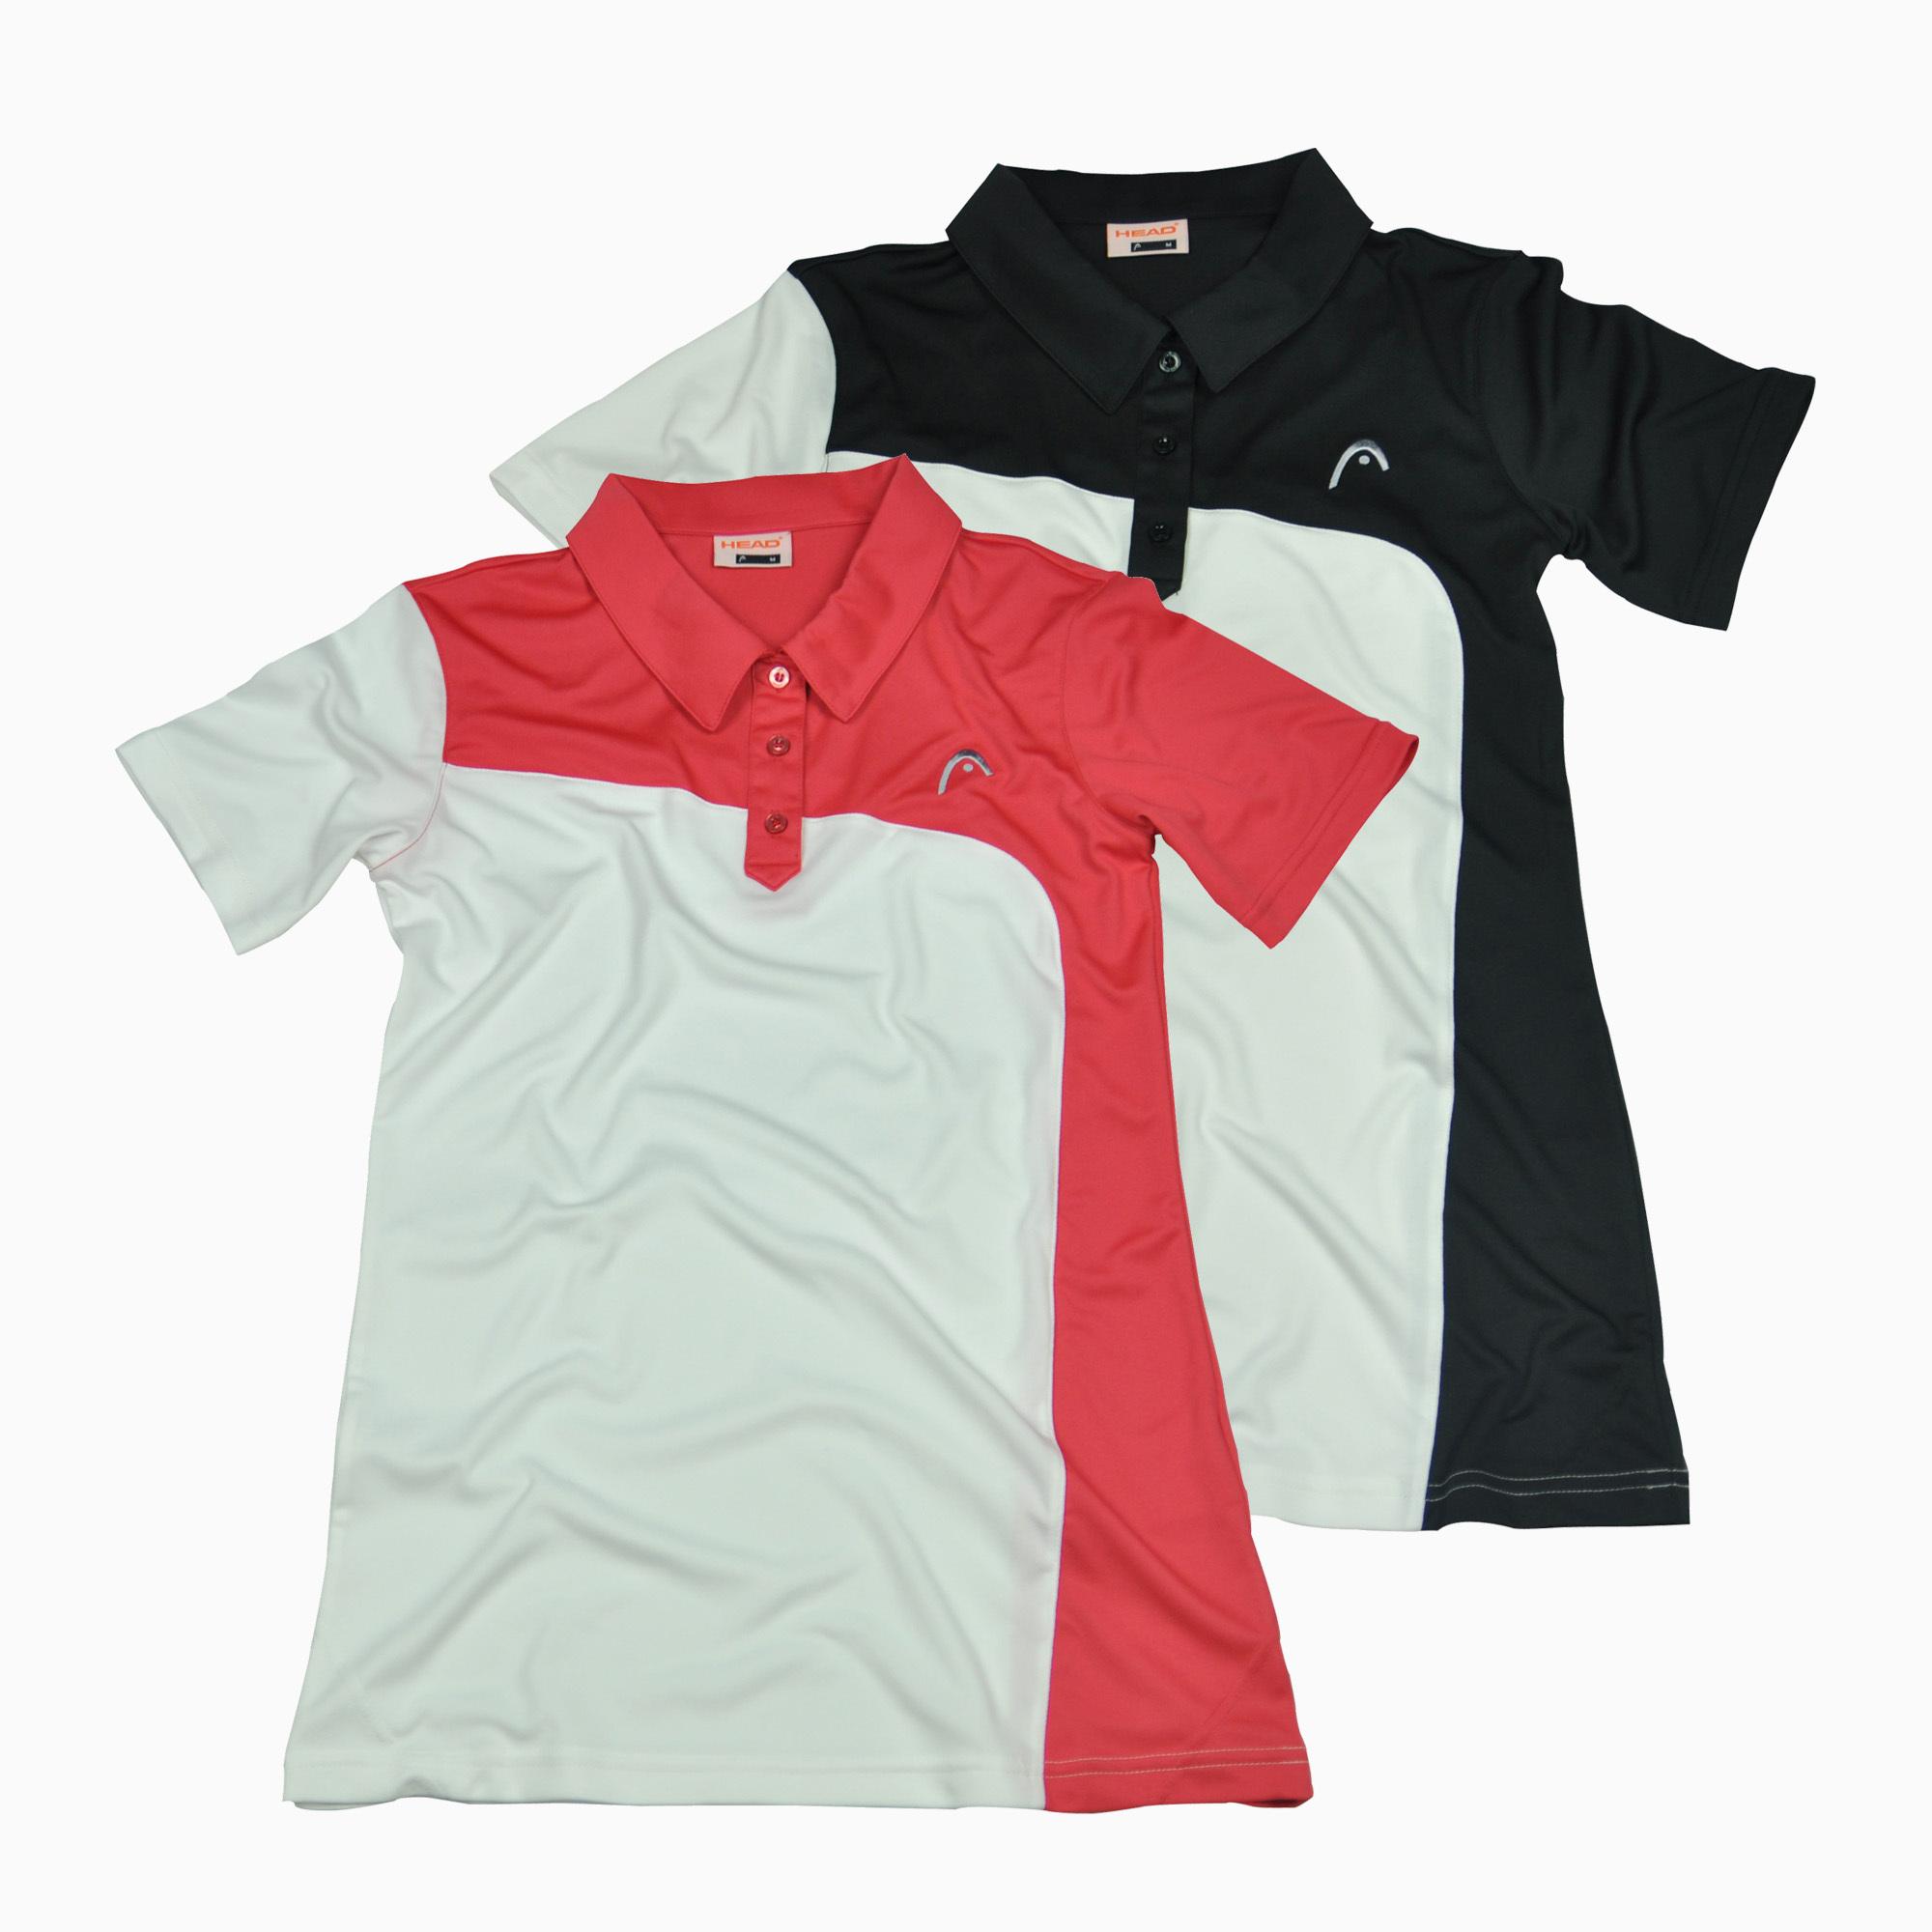 Спортивная одежда для тенниса HEAD 312pow1155 POLO